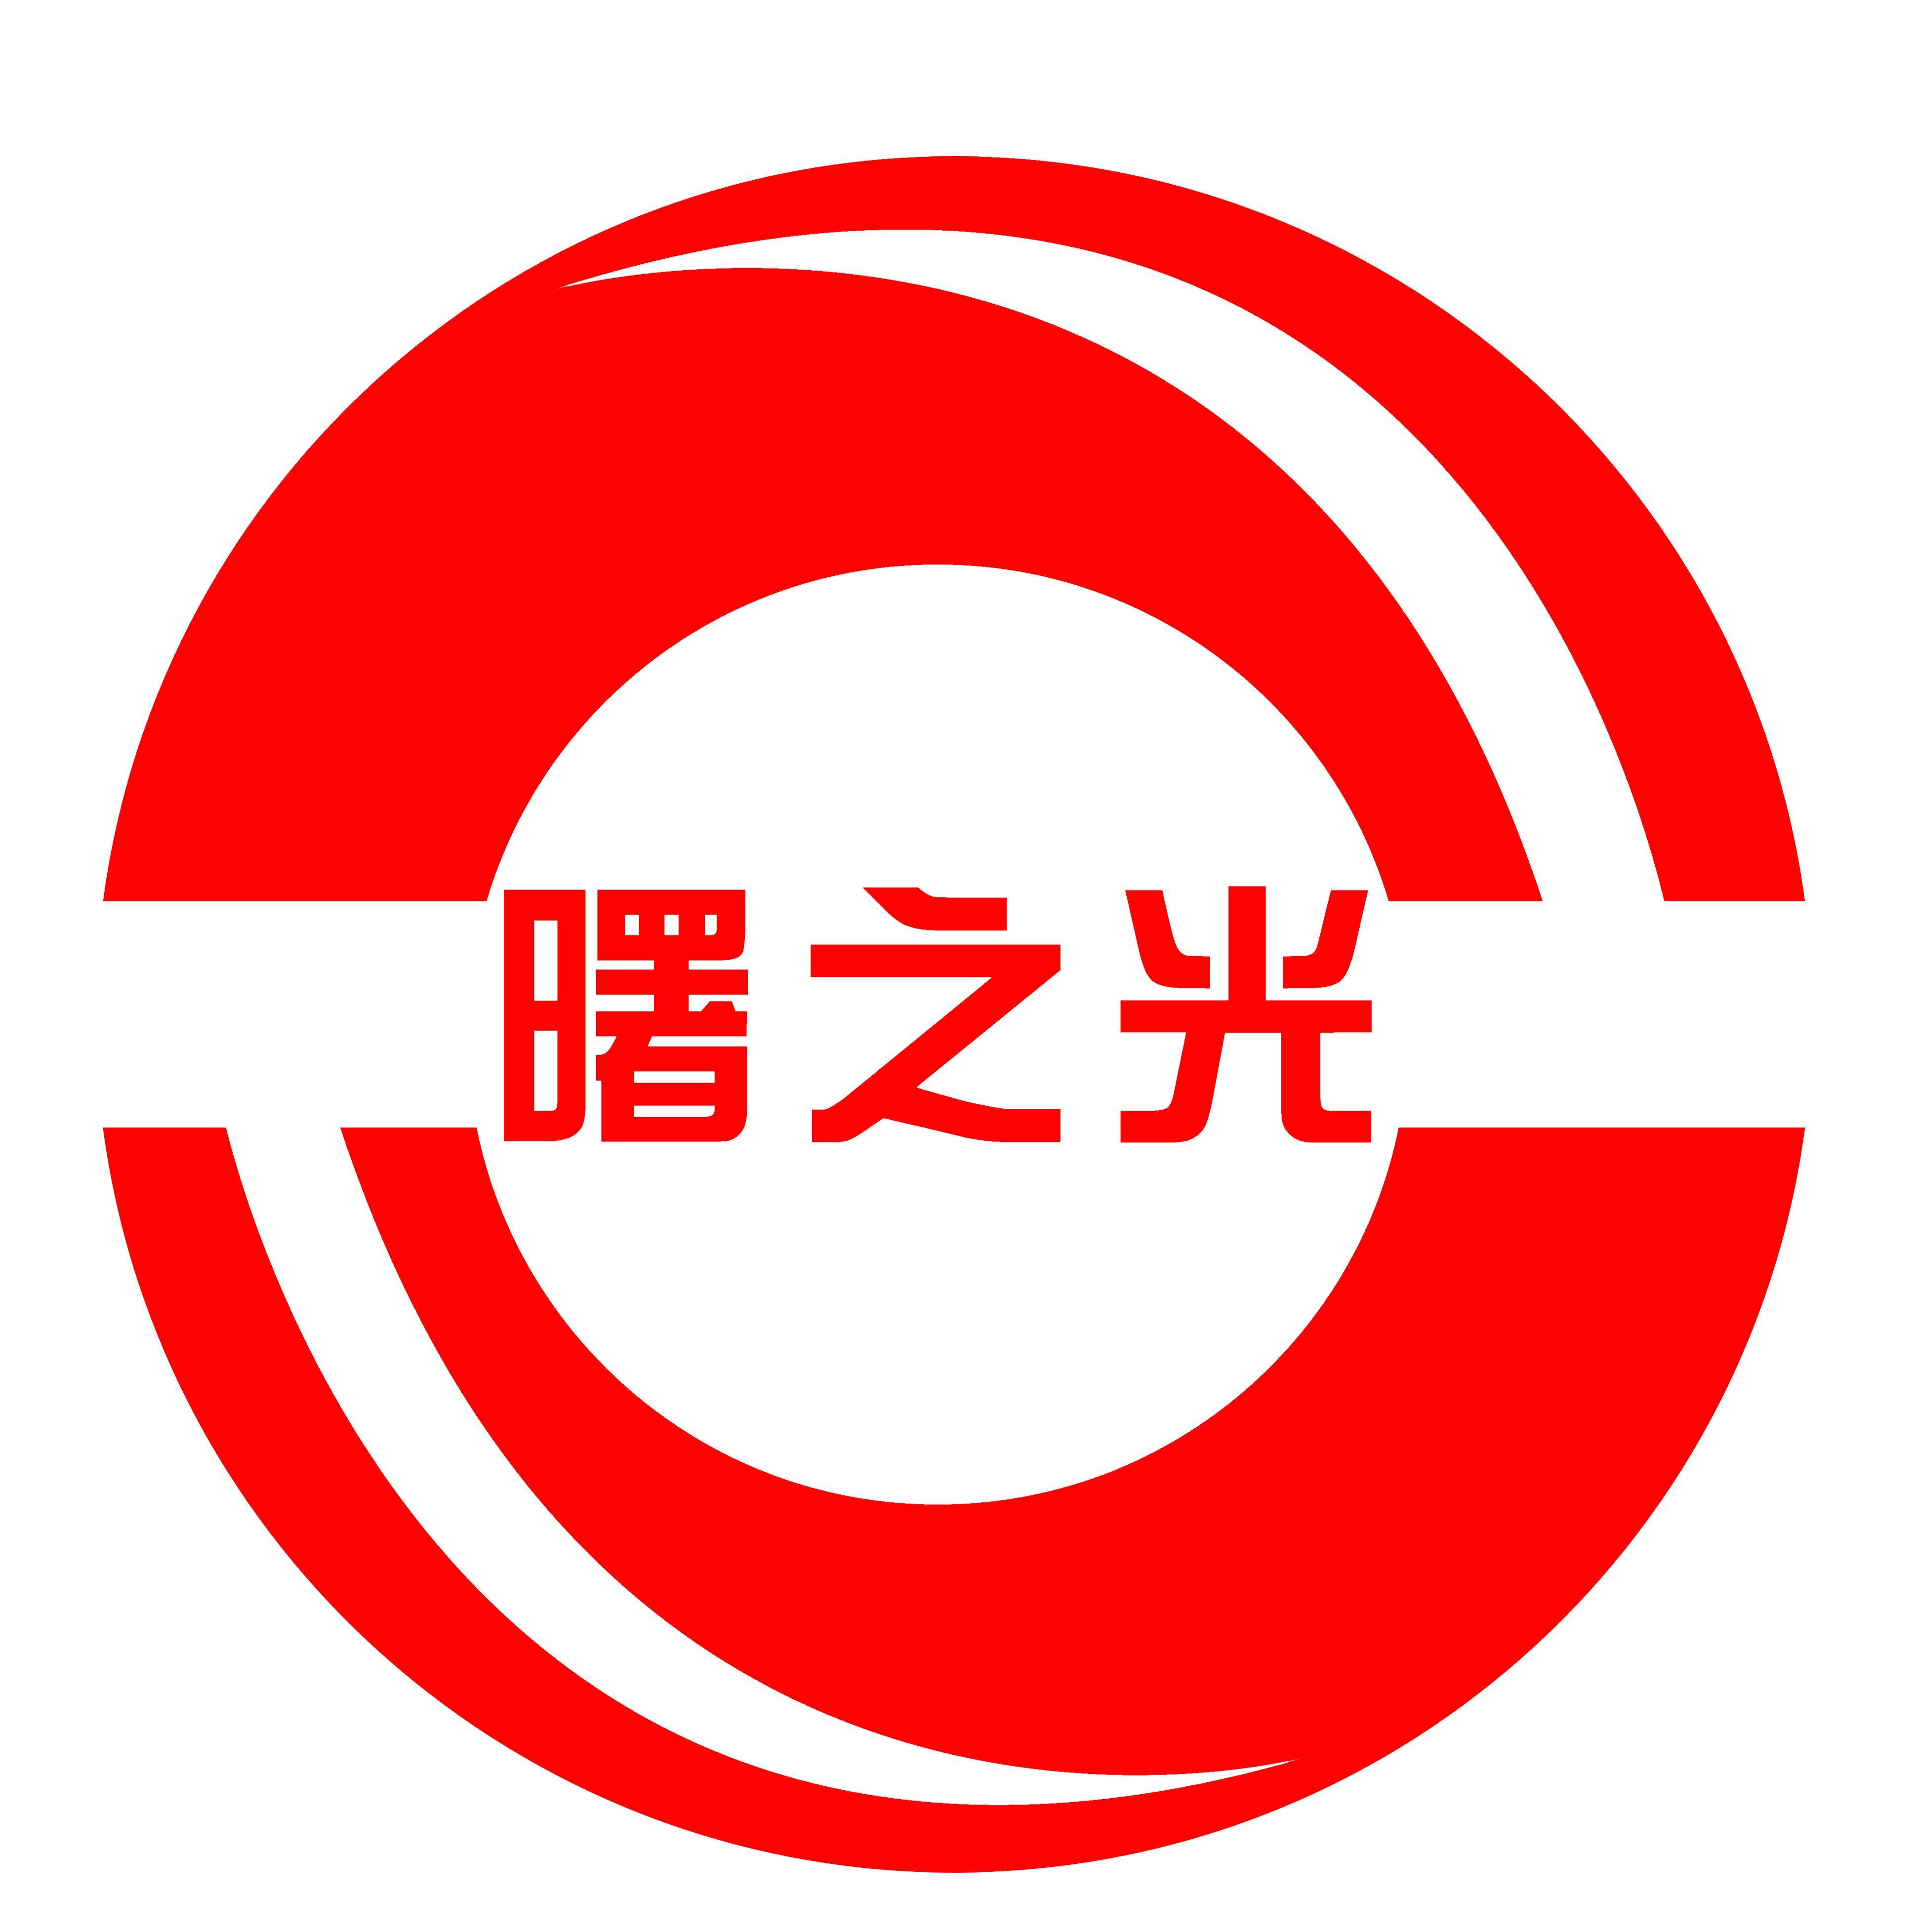 电路板 设计符号 logo